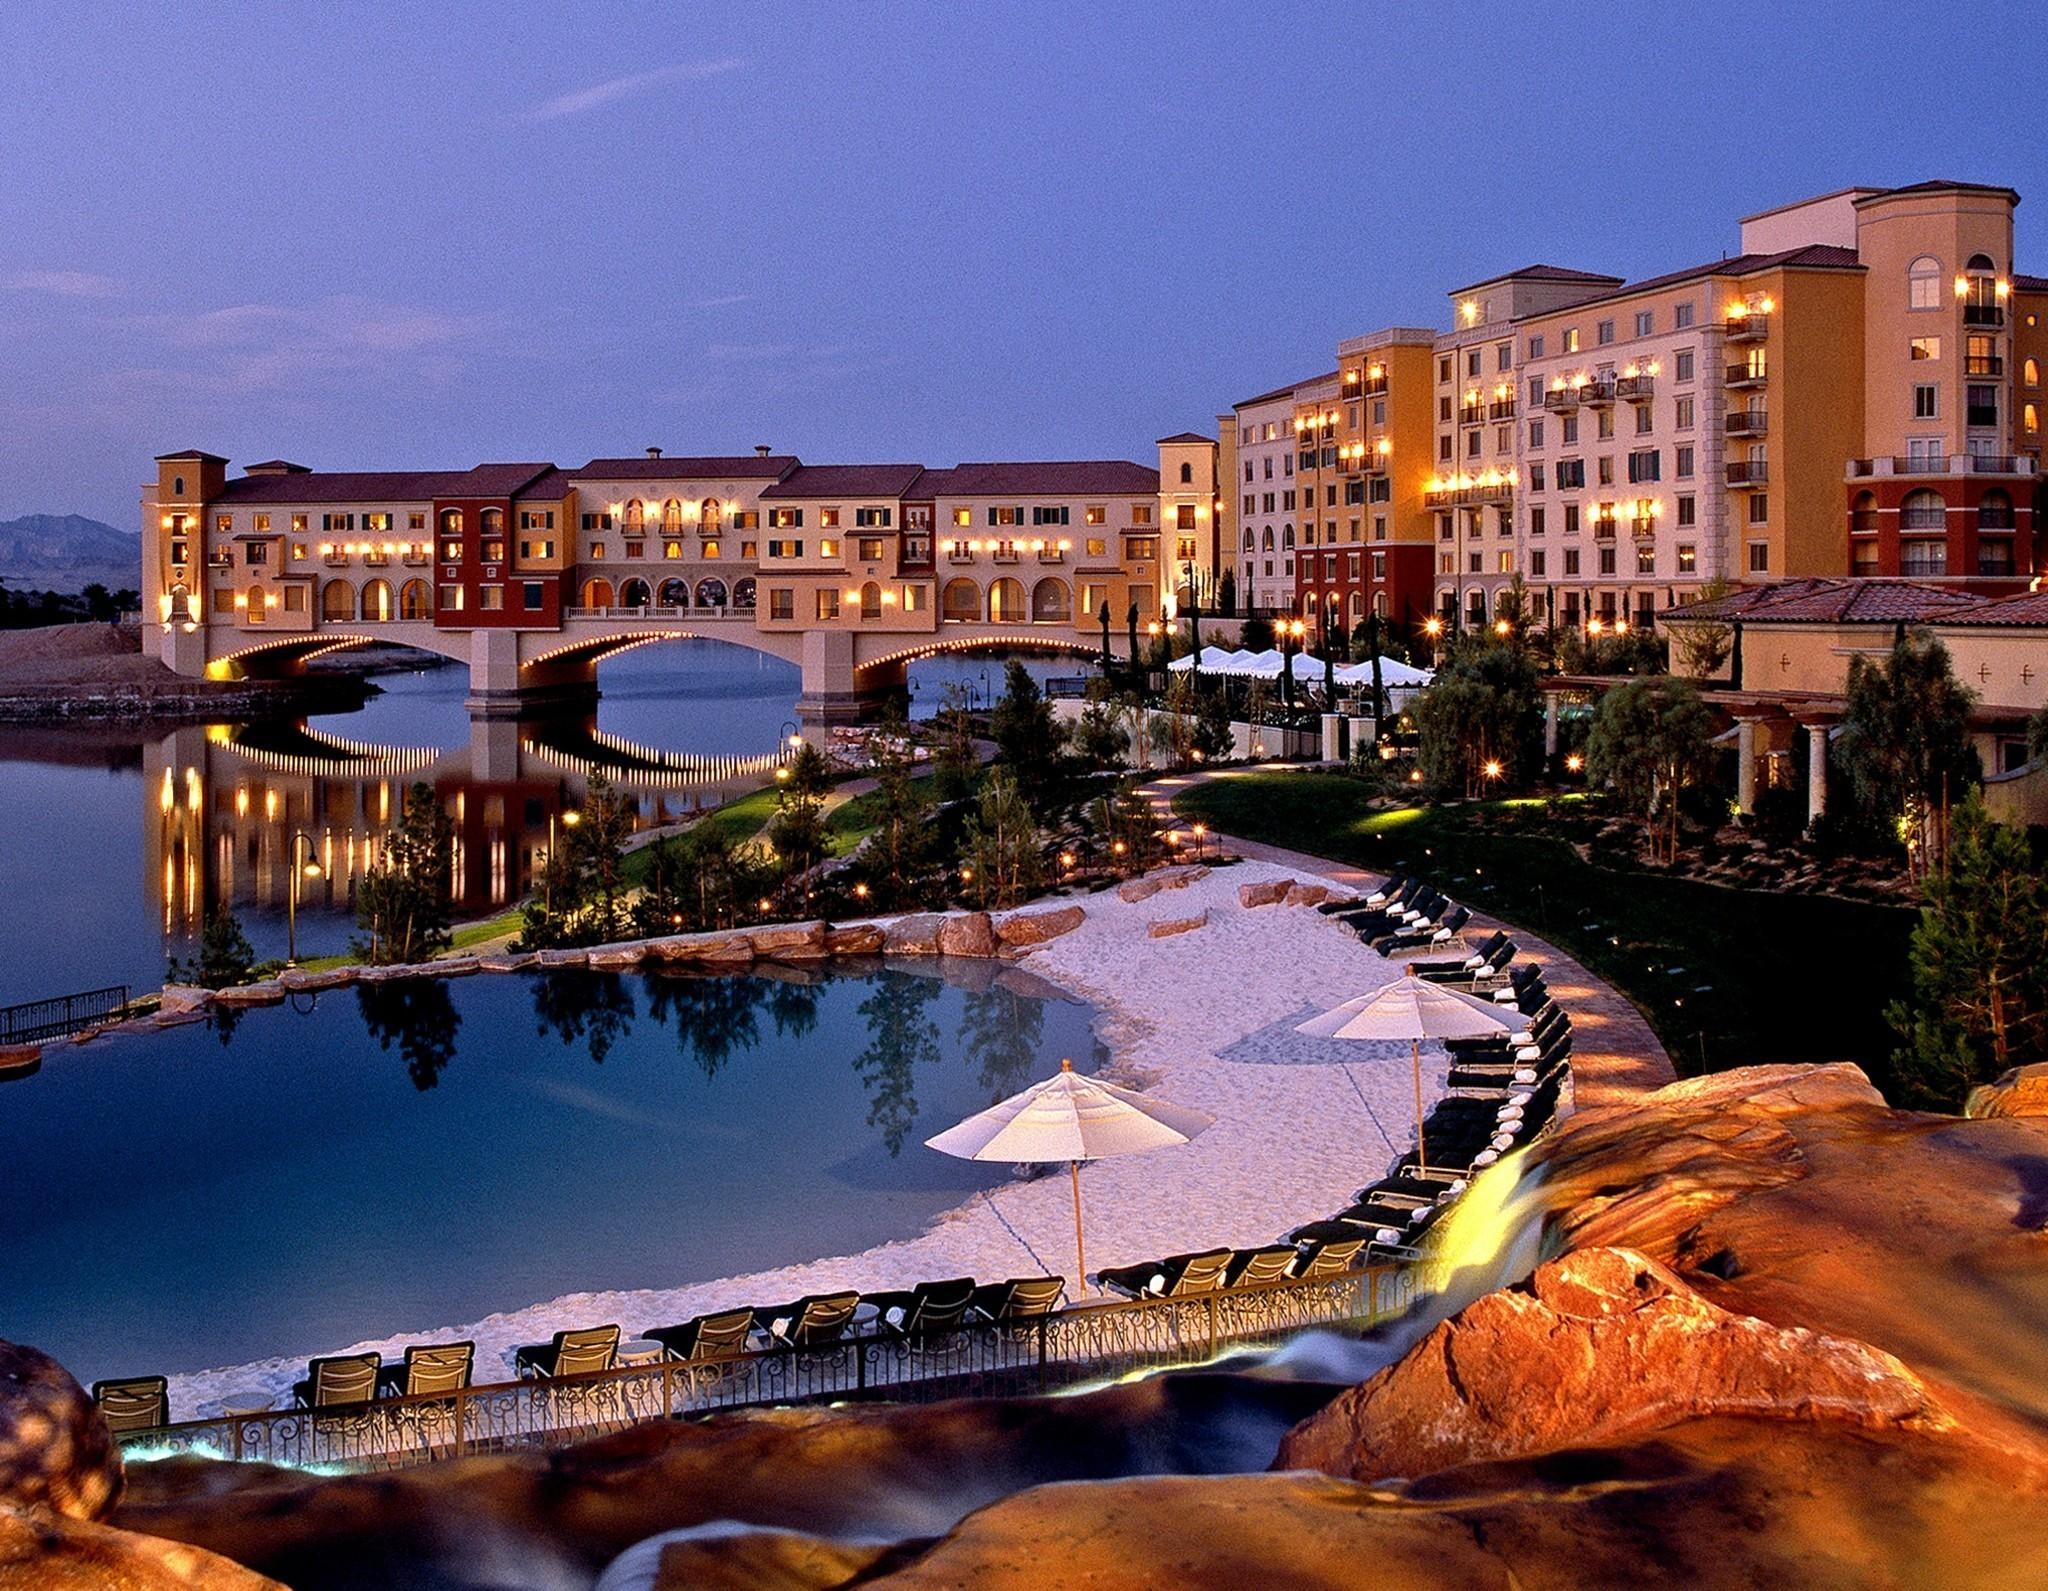 La Dolce Vegas